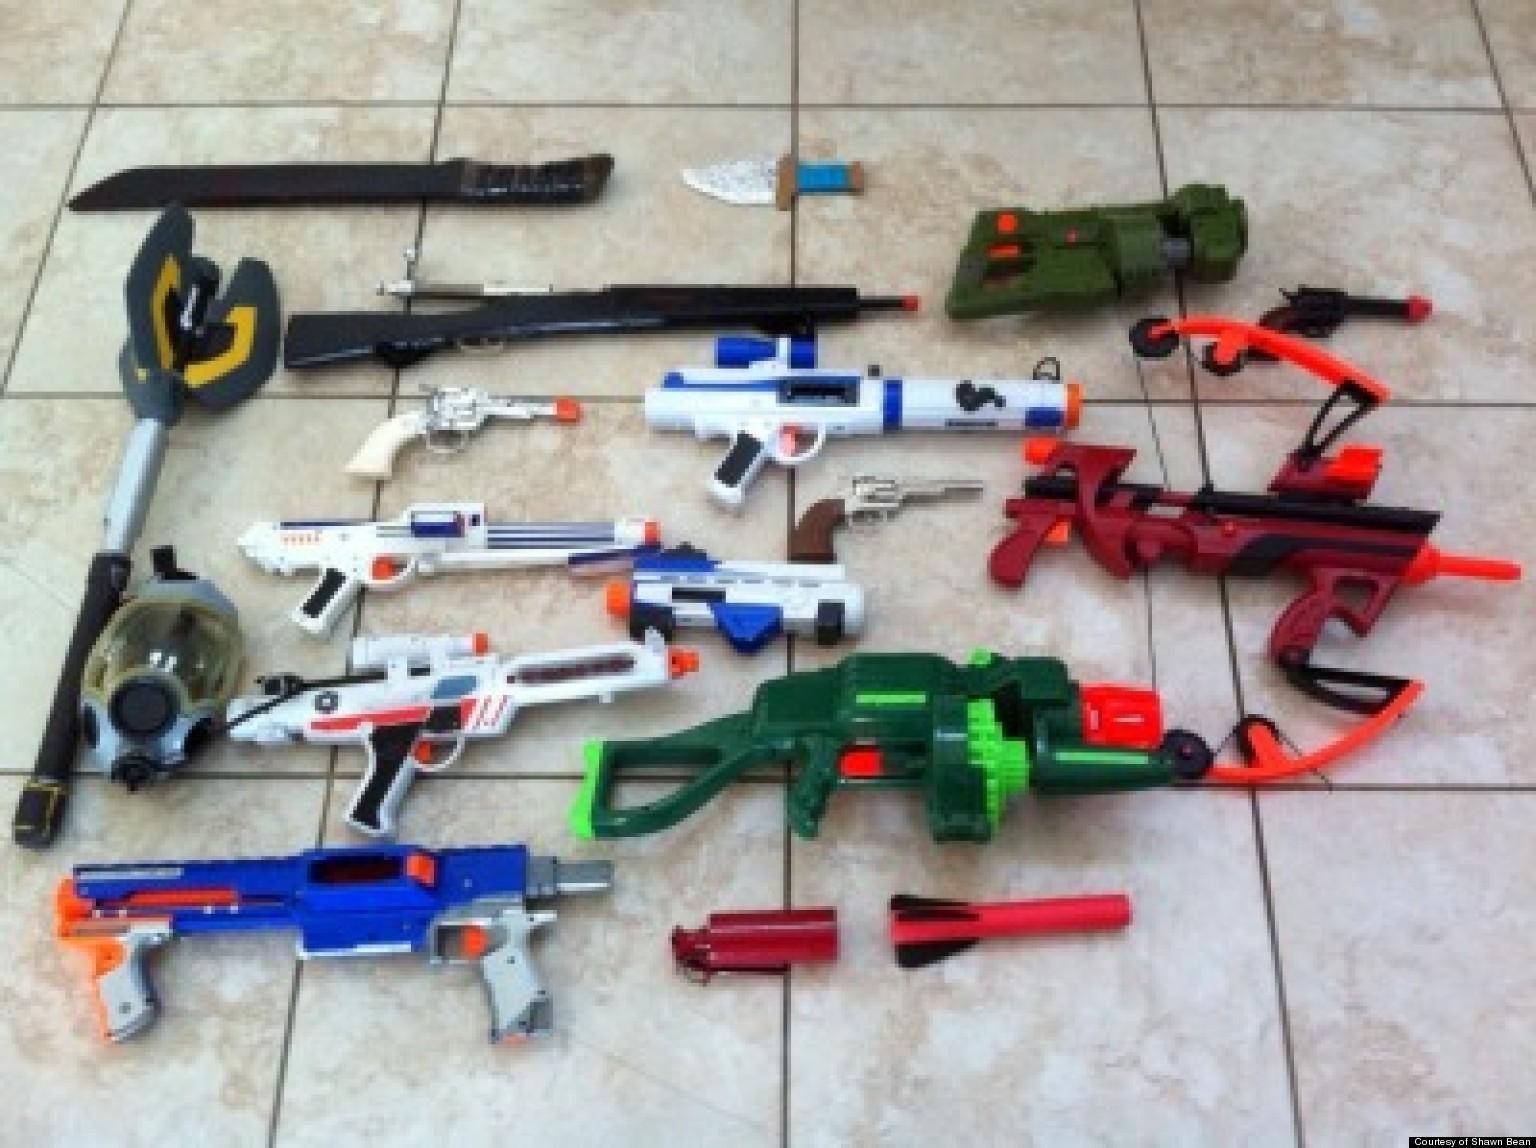 Gun Toys Australia Toy Gun Control | Shawn Bean